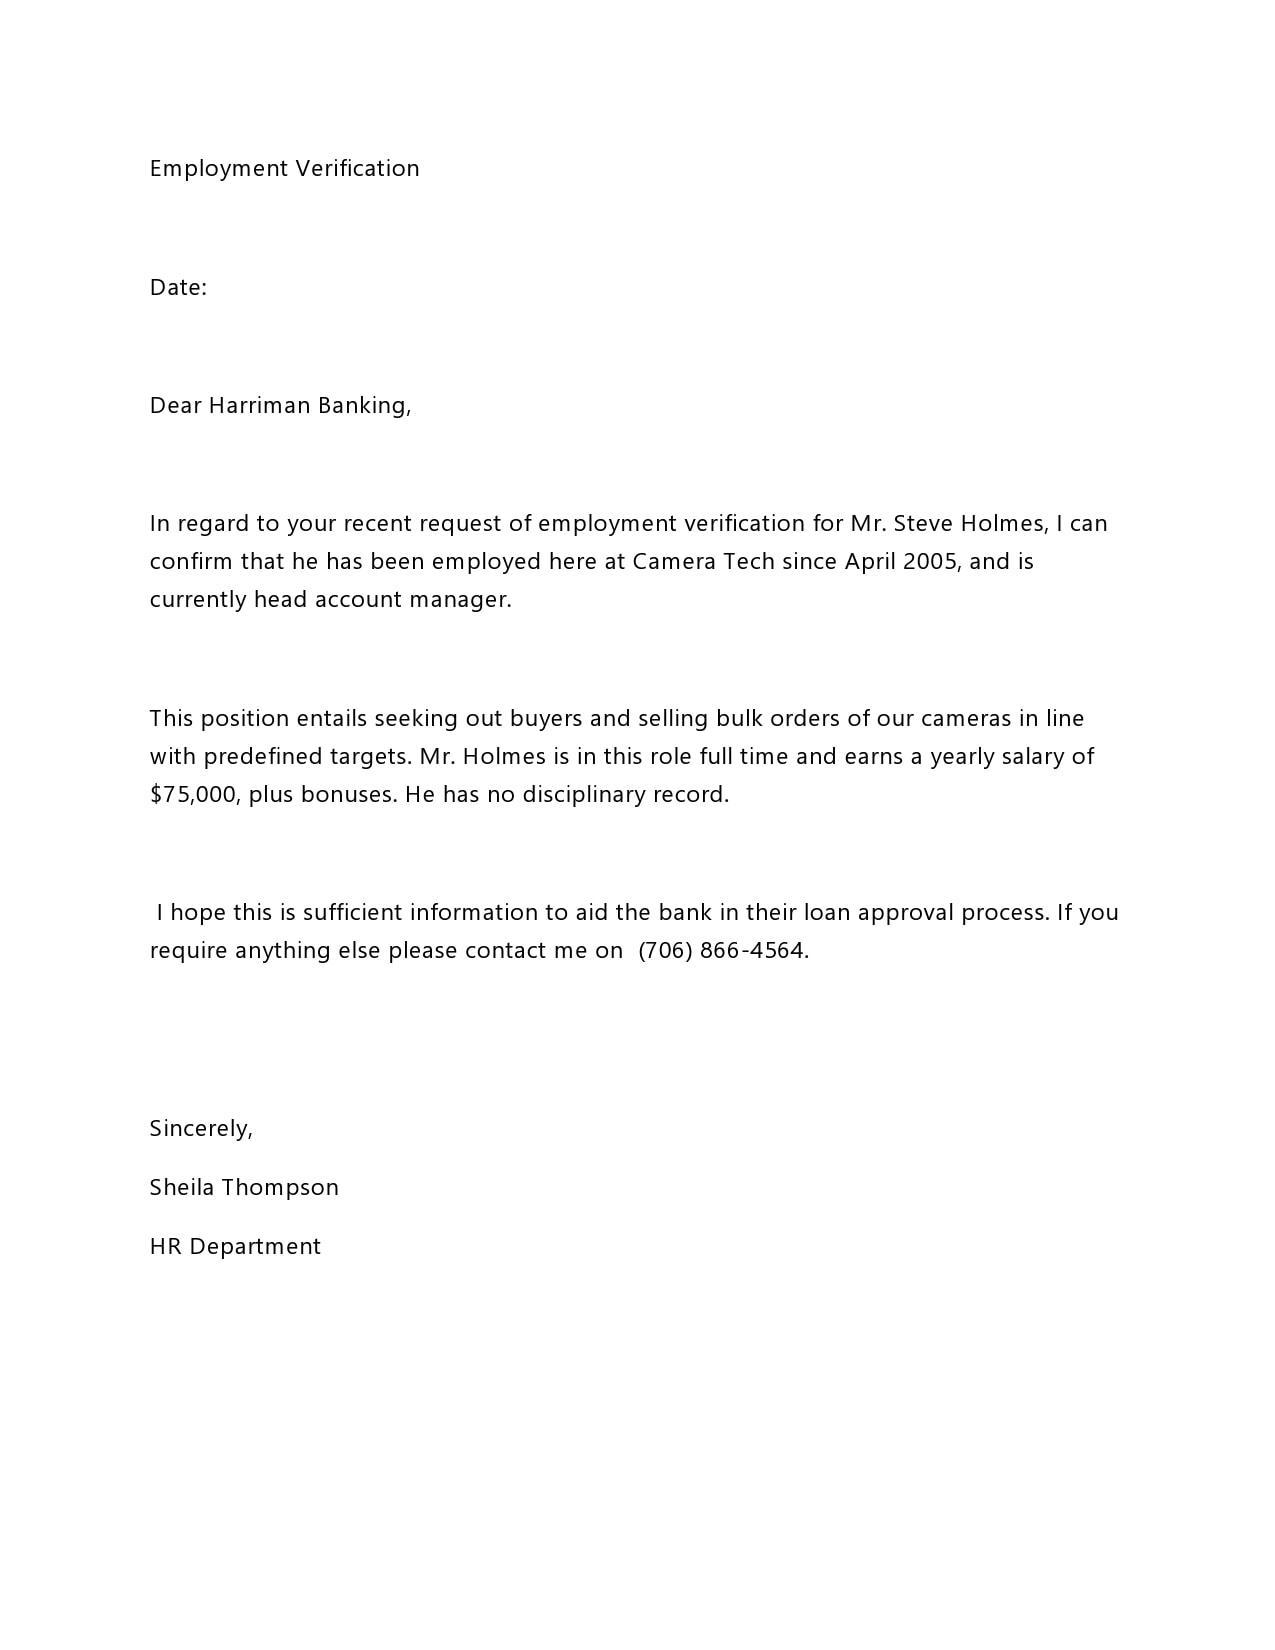 employment verification letter 12